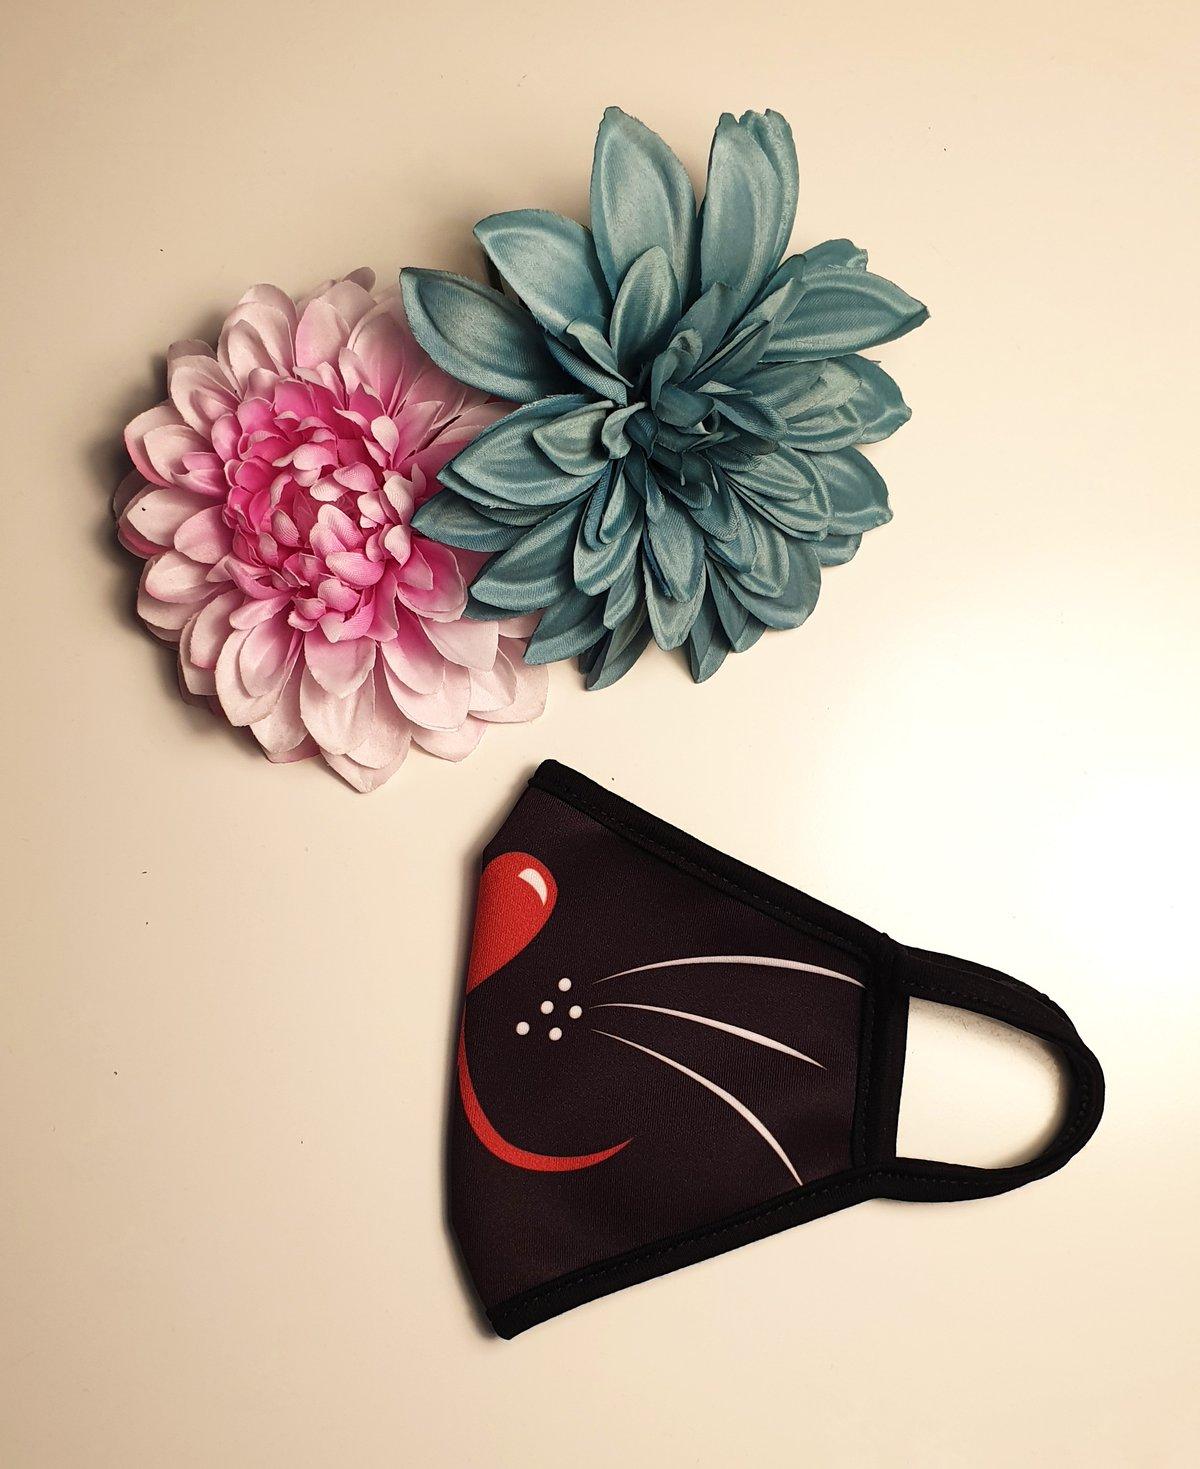 Image of Mascarilla gatito fondo negro